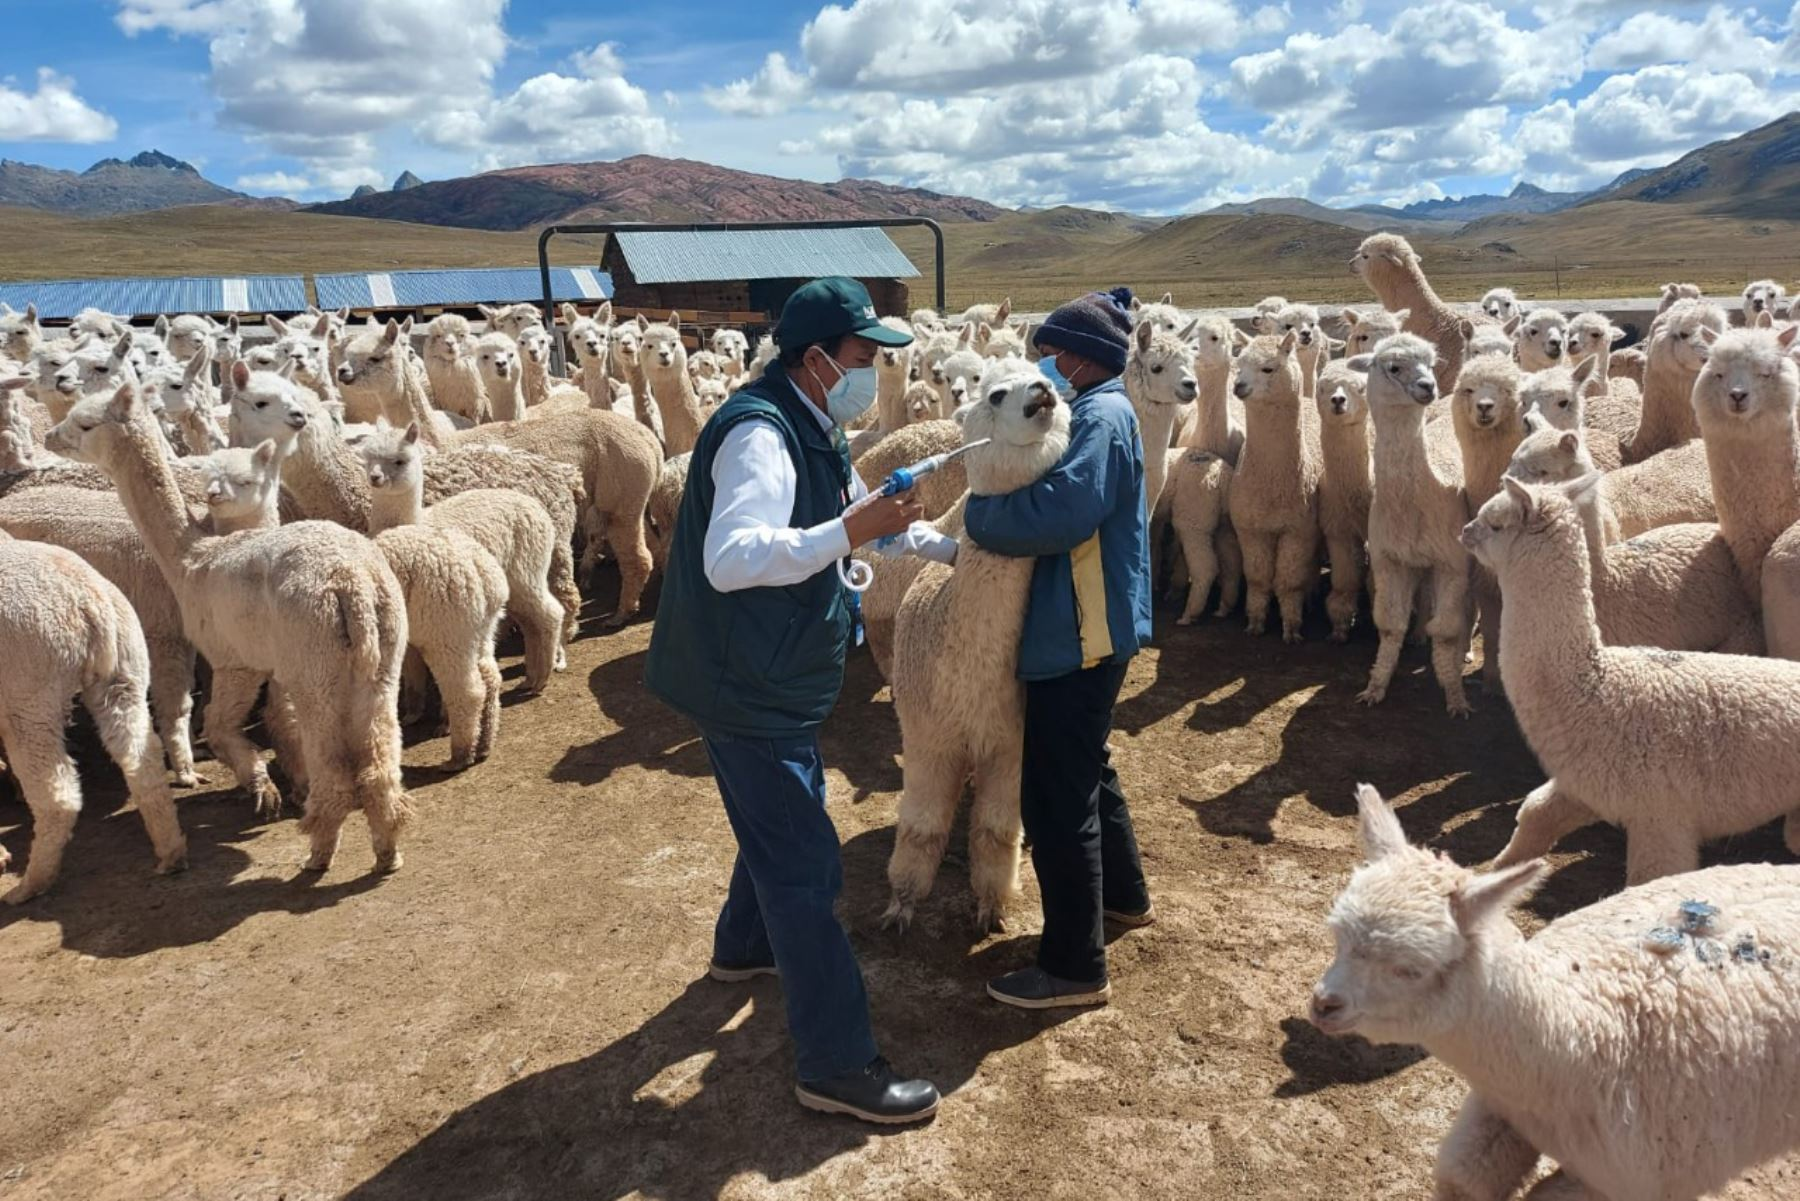 El Ministerio de Desarrollo Agrario y Riego a través de Agro Rural, inició la jornada de aplicación de los kits veterinarios en salvaguarda de 67 mil cabezas de ganado, entre alpacas y ovinos, de las zonas altoandinas de la región Lima. Foto: Midagri